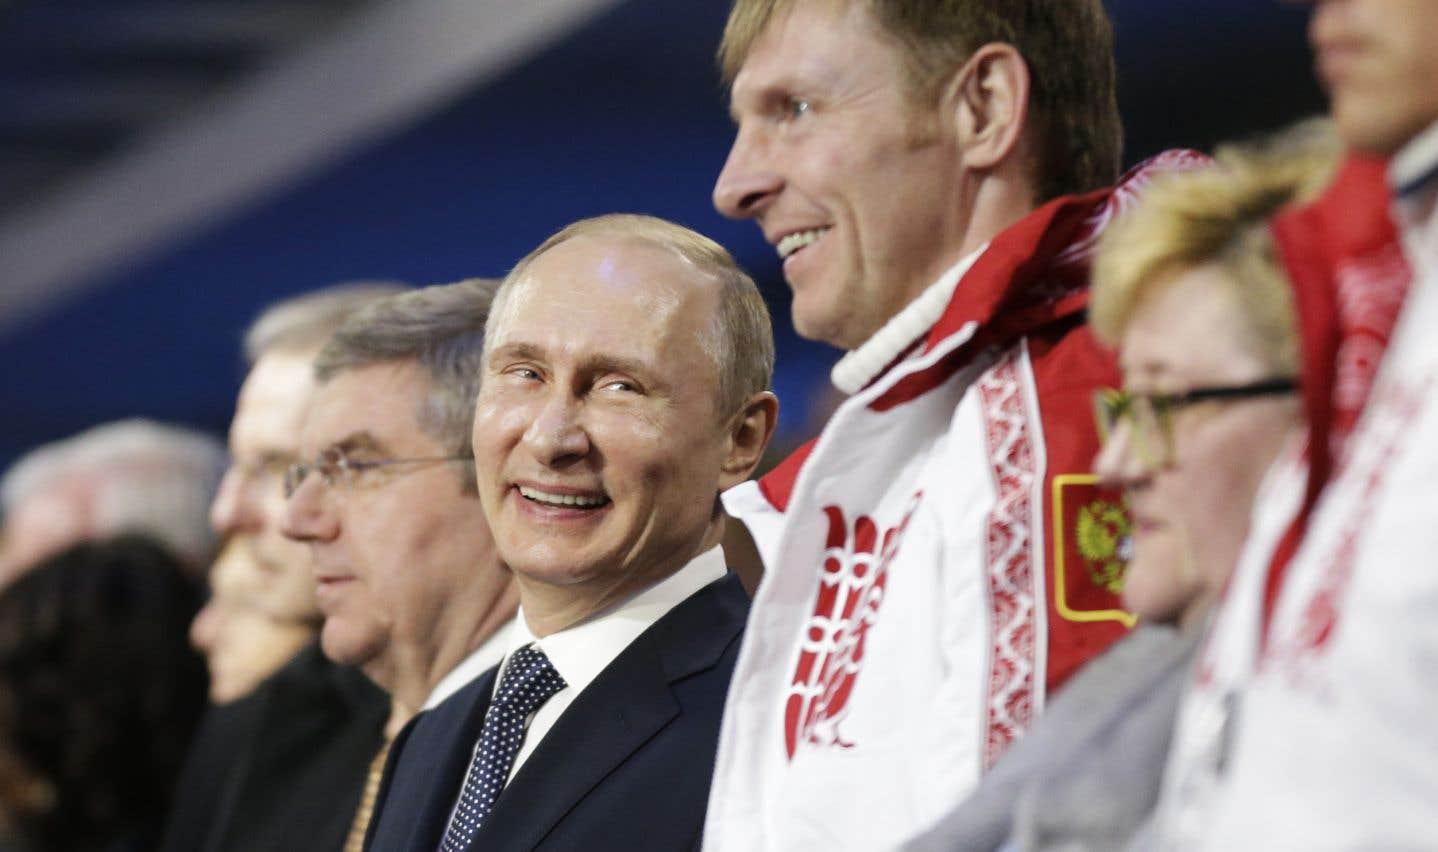 Poutine permettra aux athlètes russes de participer aux JO de Pyeongchang